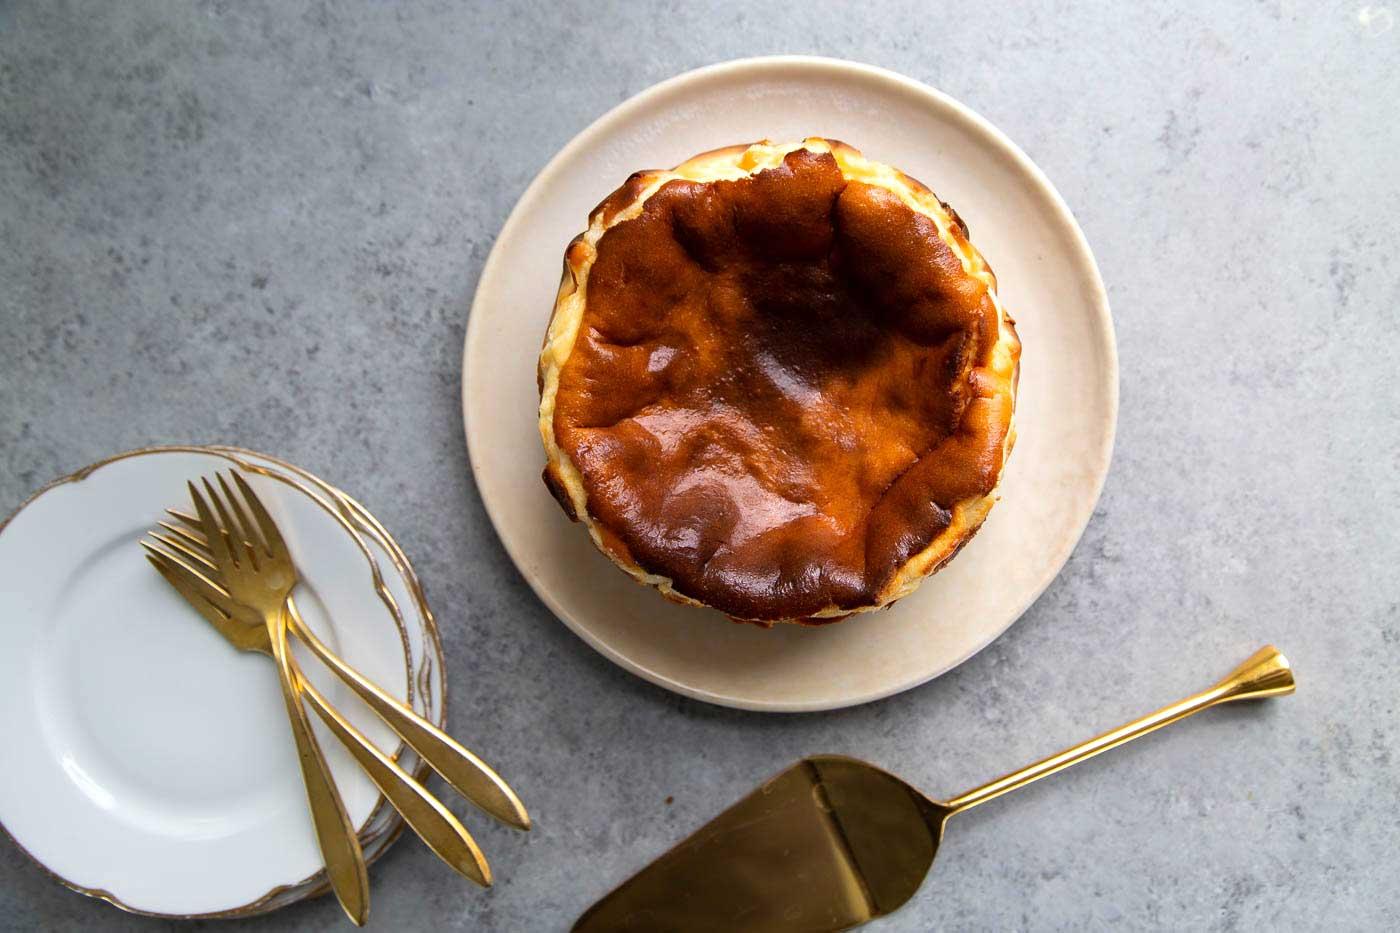 Basque Cheesecake variation